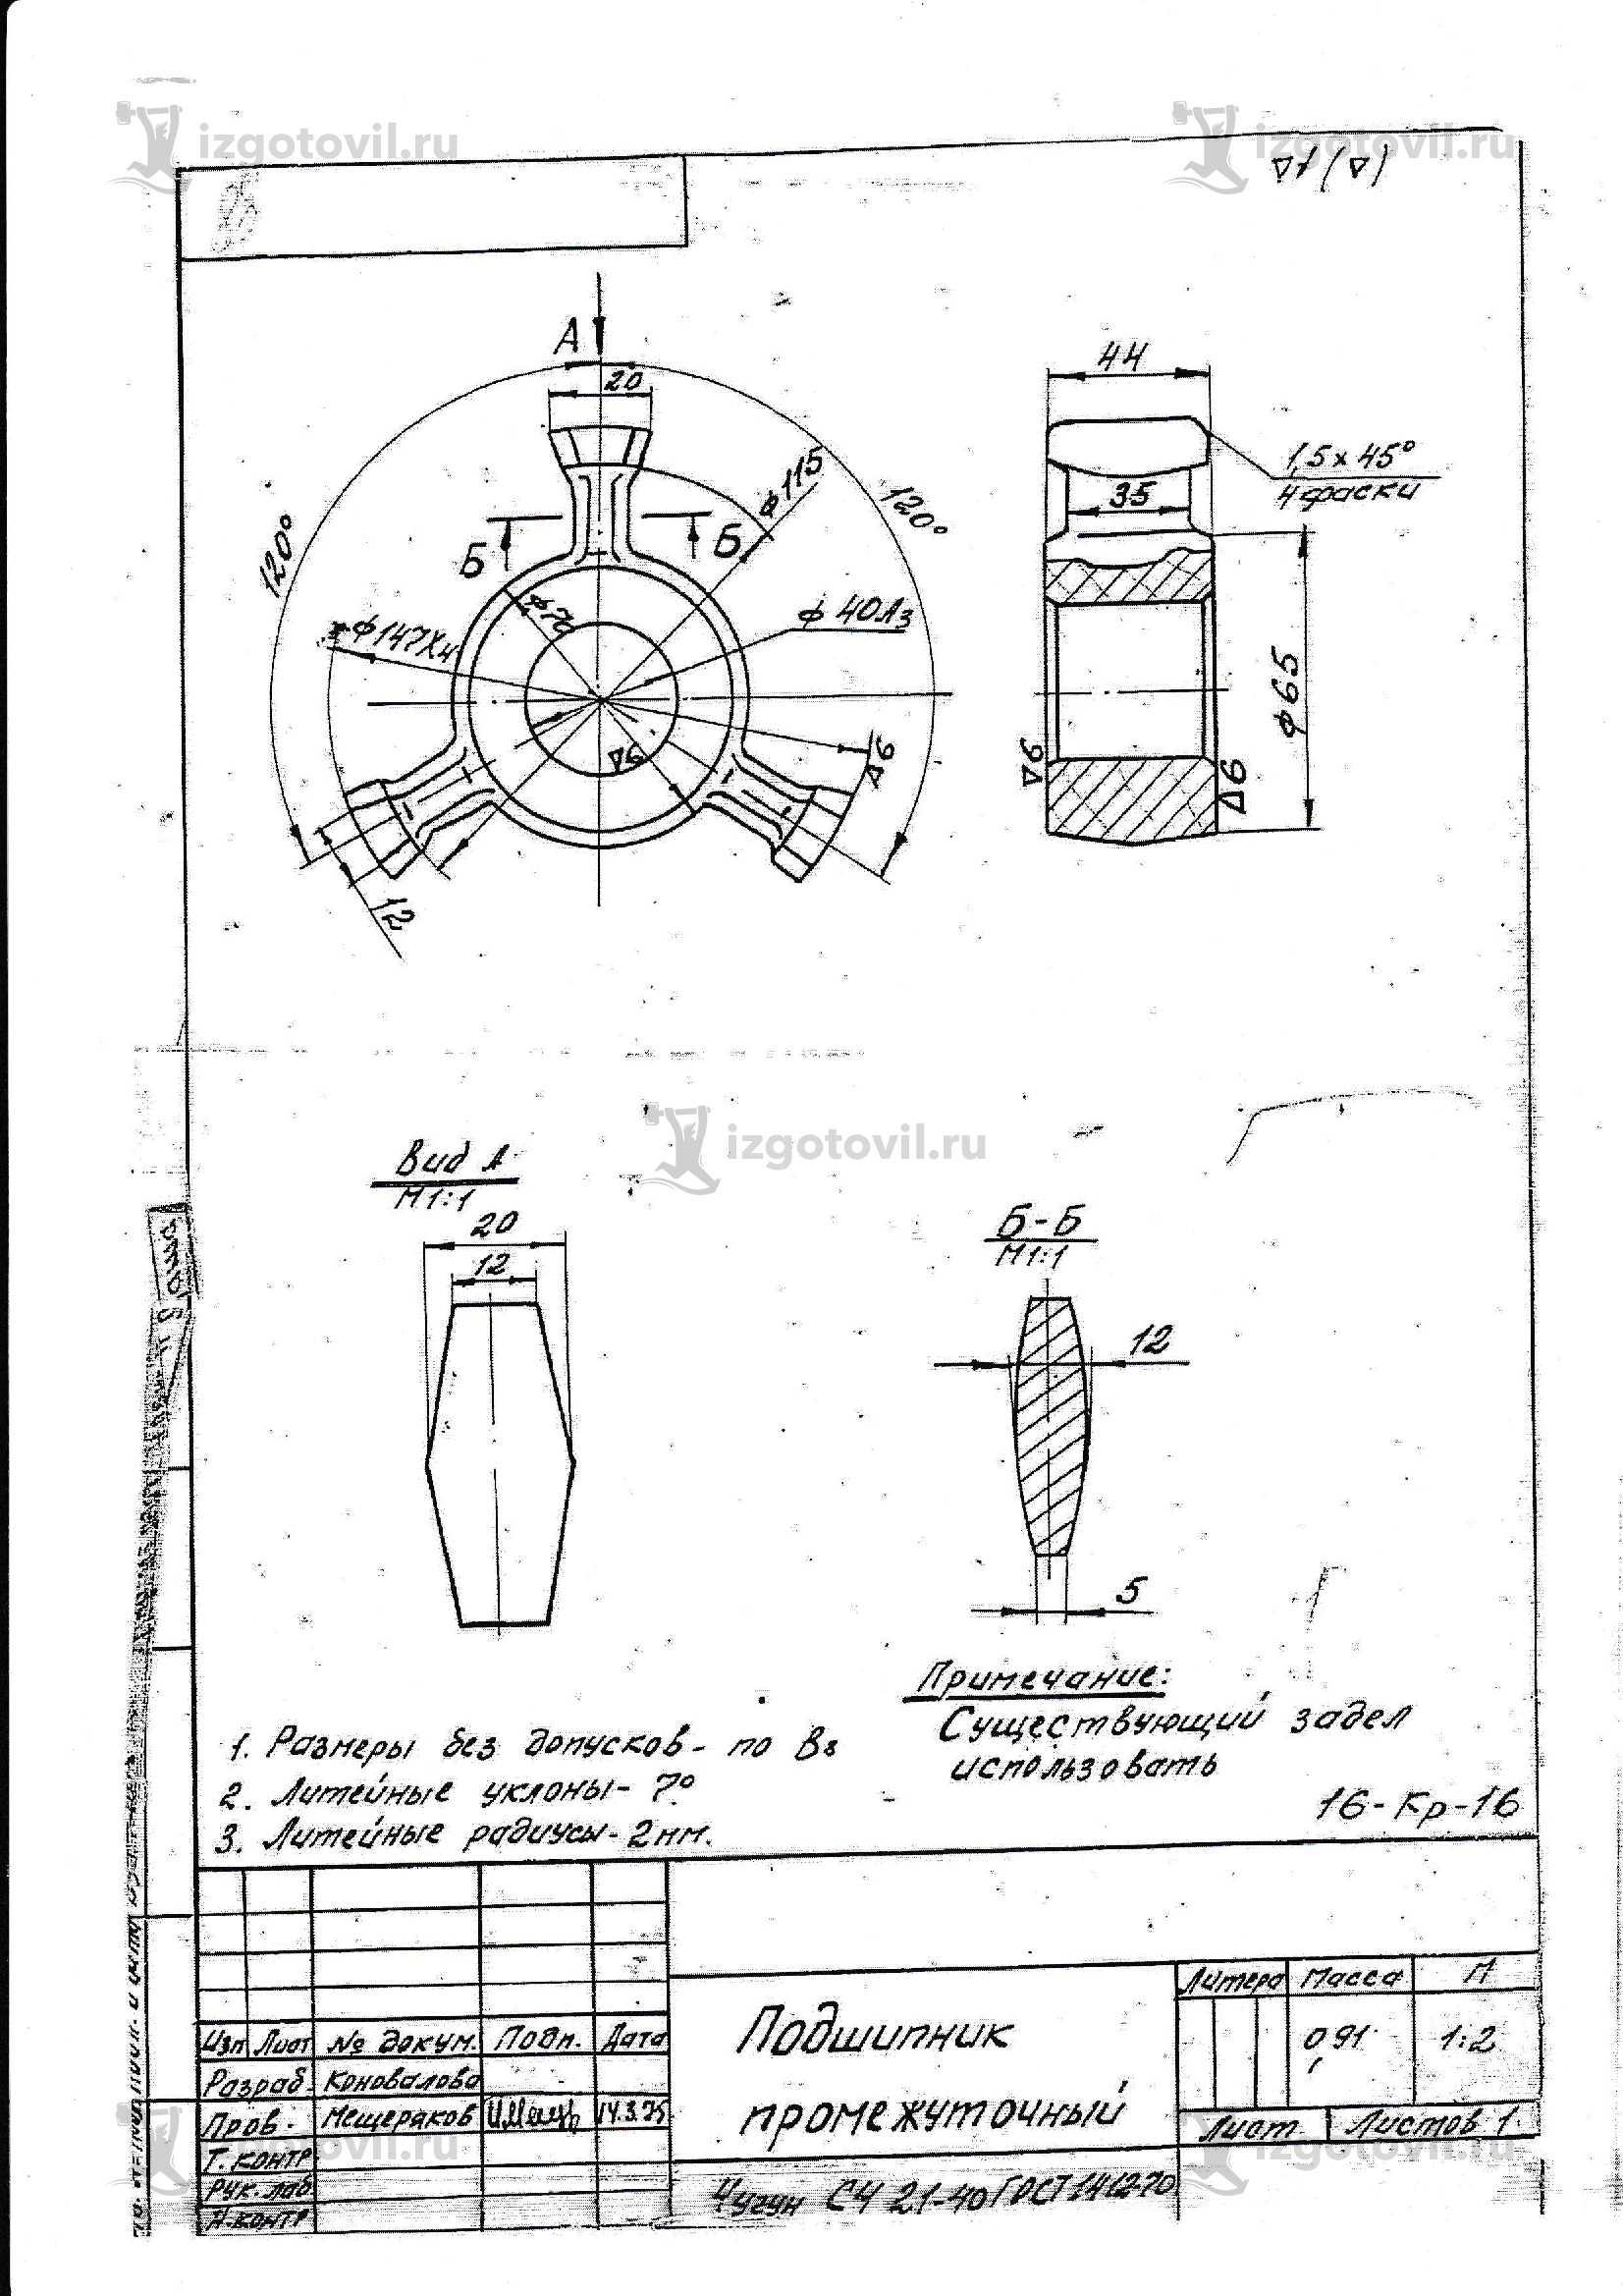 Изготовление цилиндрических деталей (подшипник)